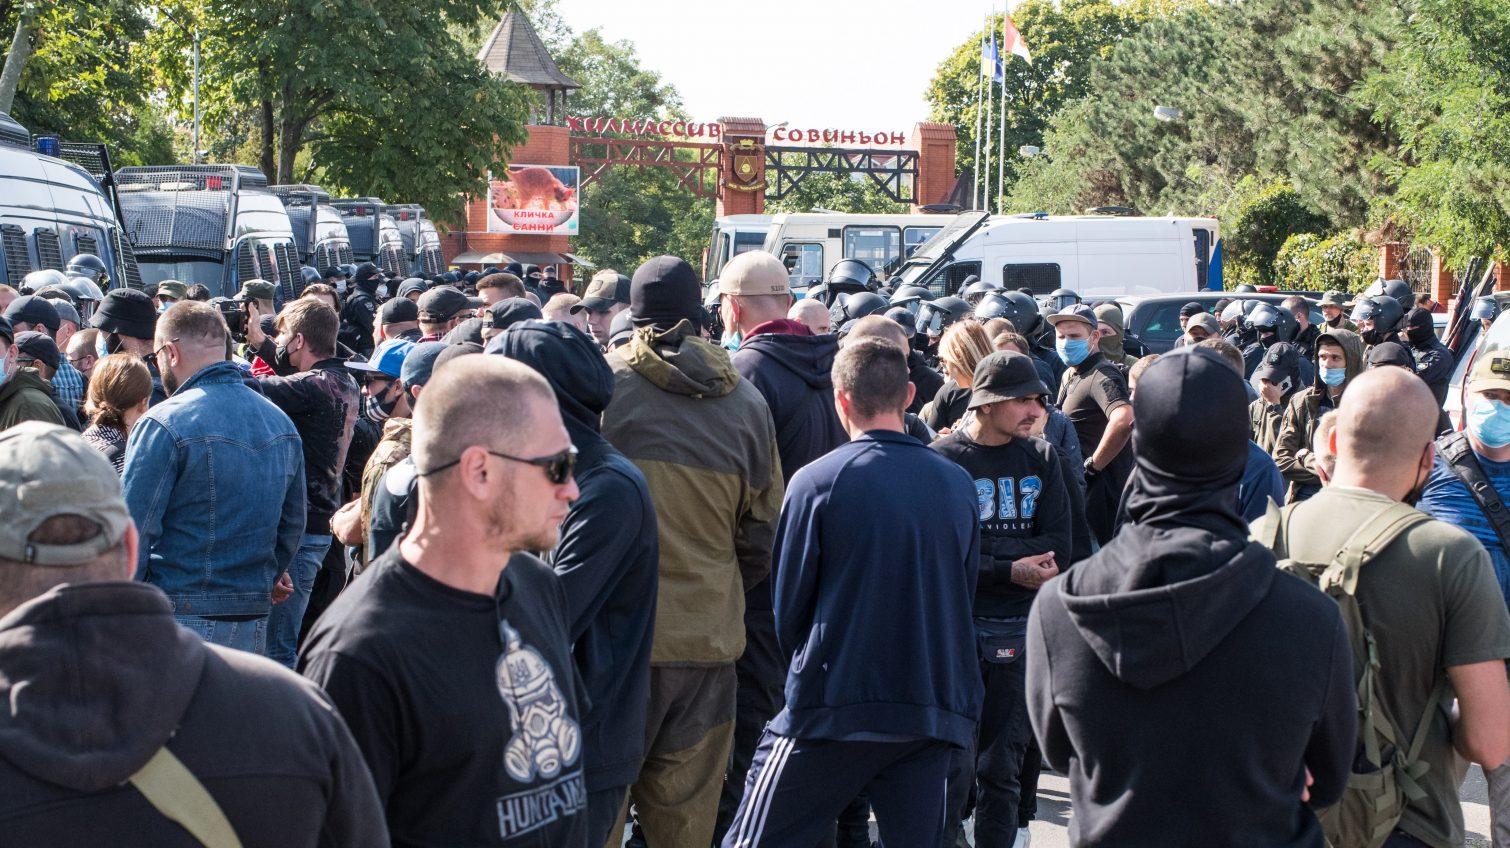 Националисты против Кивы: в Совиньоне пытались сорвать съезд ОПЗЖ «фото»